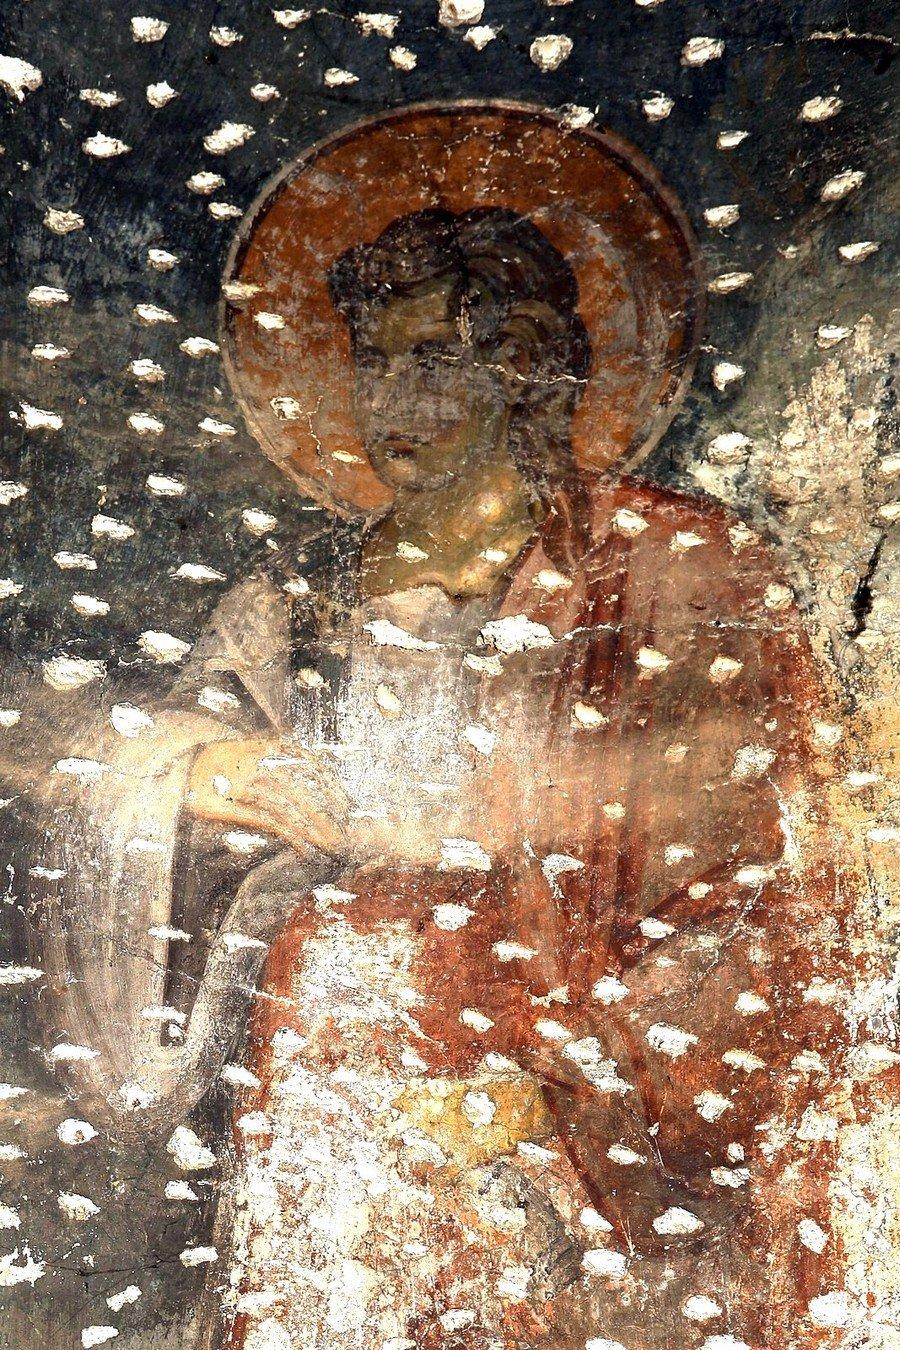 Святой Пророк Малахия. Фреска церкви Богородицы Левишки в Призрене, Косово и Метохия, Сербия. Около 1310 - 1313 годов. Иконописцы Михаил Астрапа и Евтихий.